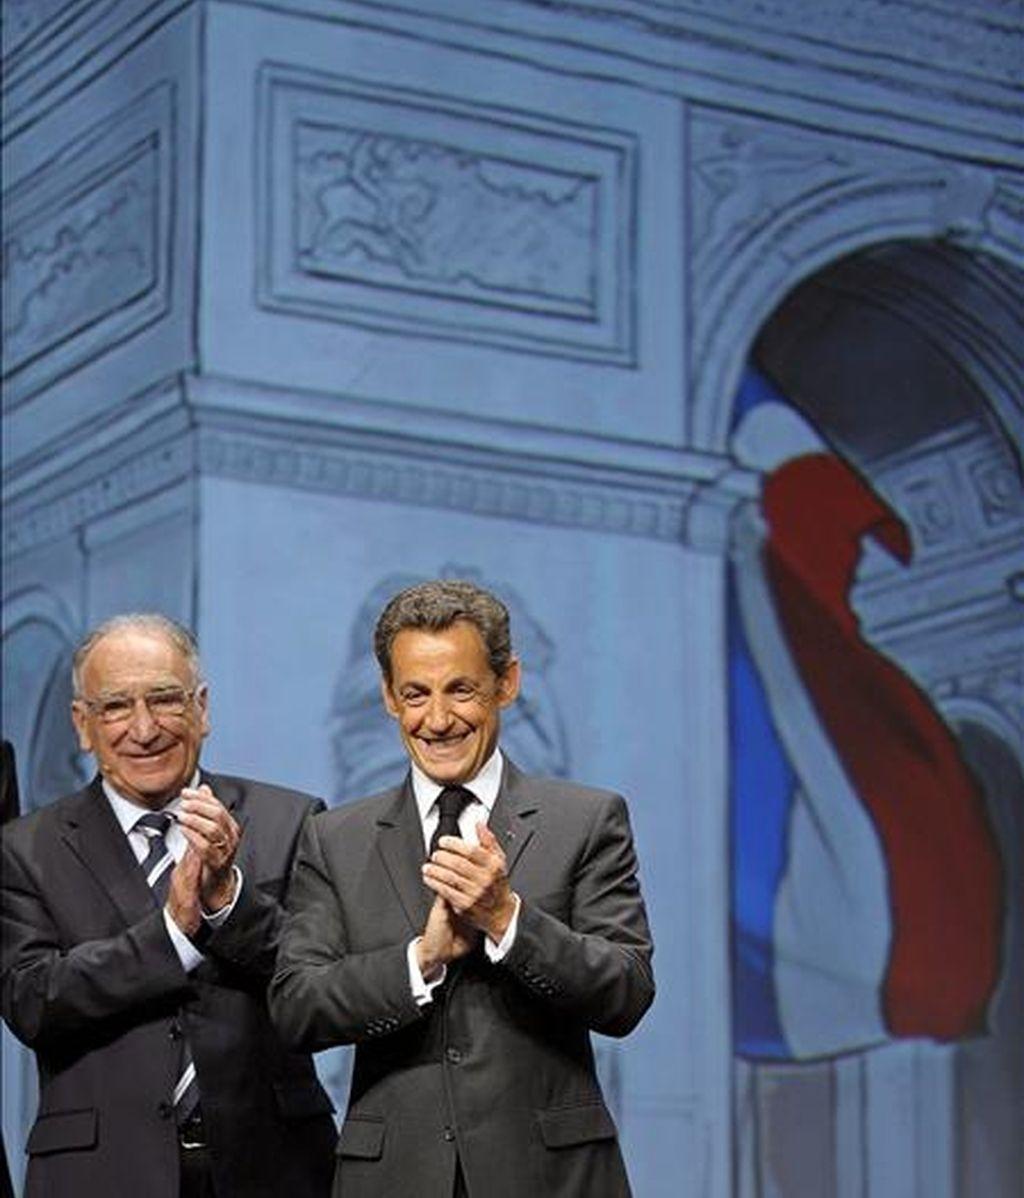 El presidente de la Federación Francesa de Fútbol, Jean-Pierre Escalettes, junto al presidente francés, Nicolás Sarkozy, durante la presentación de Francia como sede de la Eurocopa 2016 en Ginebra. EFE